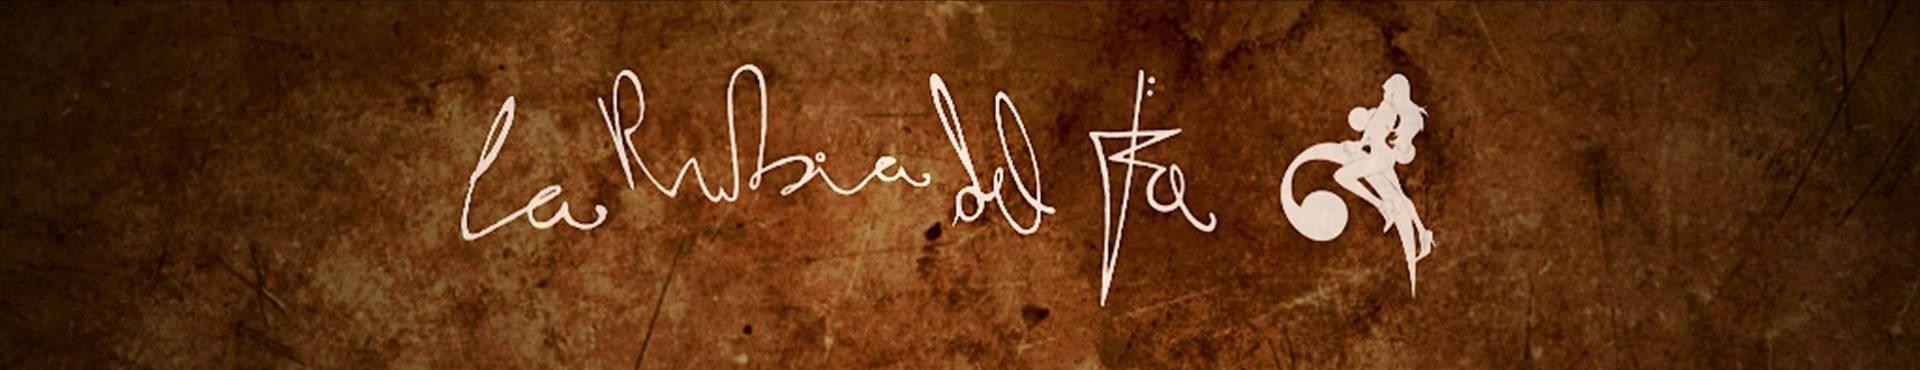 pagina-musica-logo-marron-1920